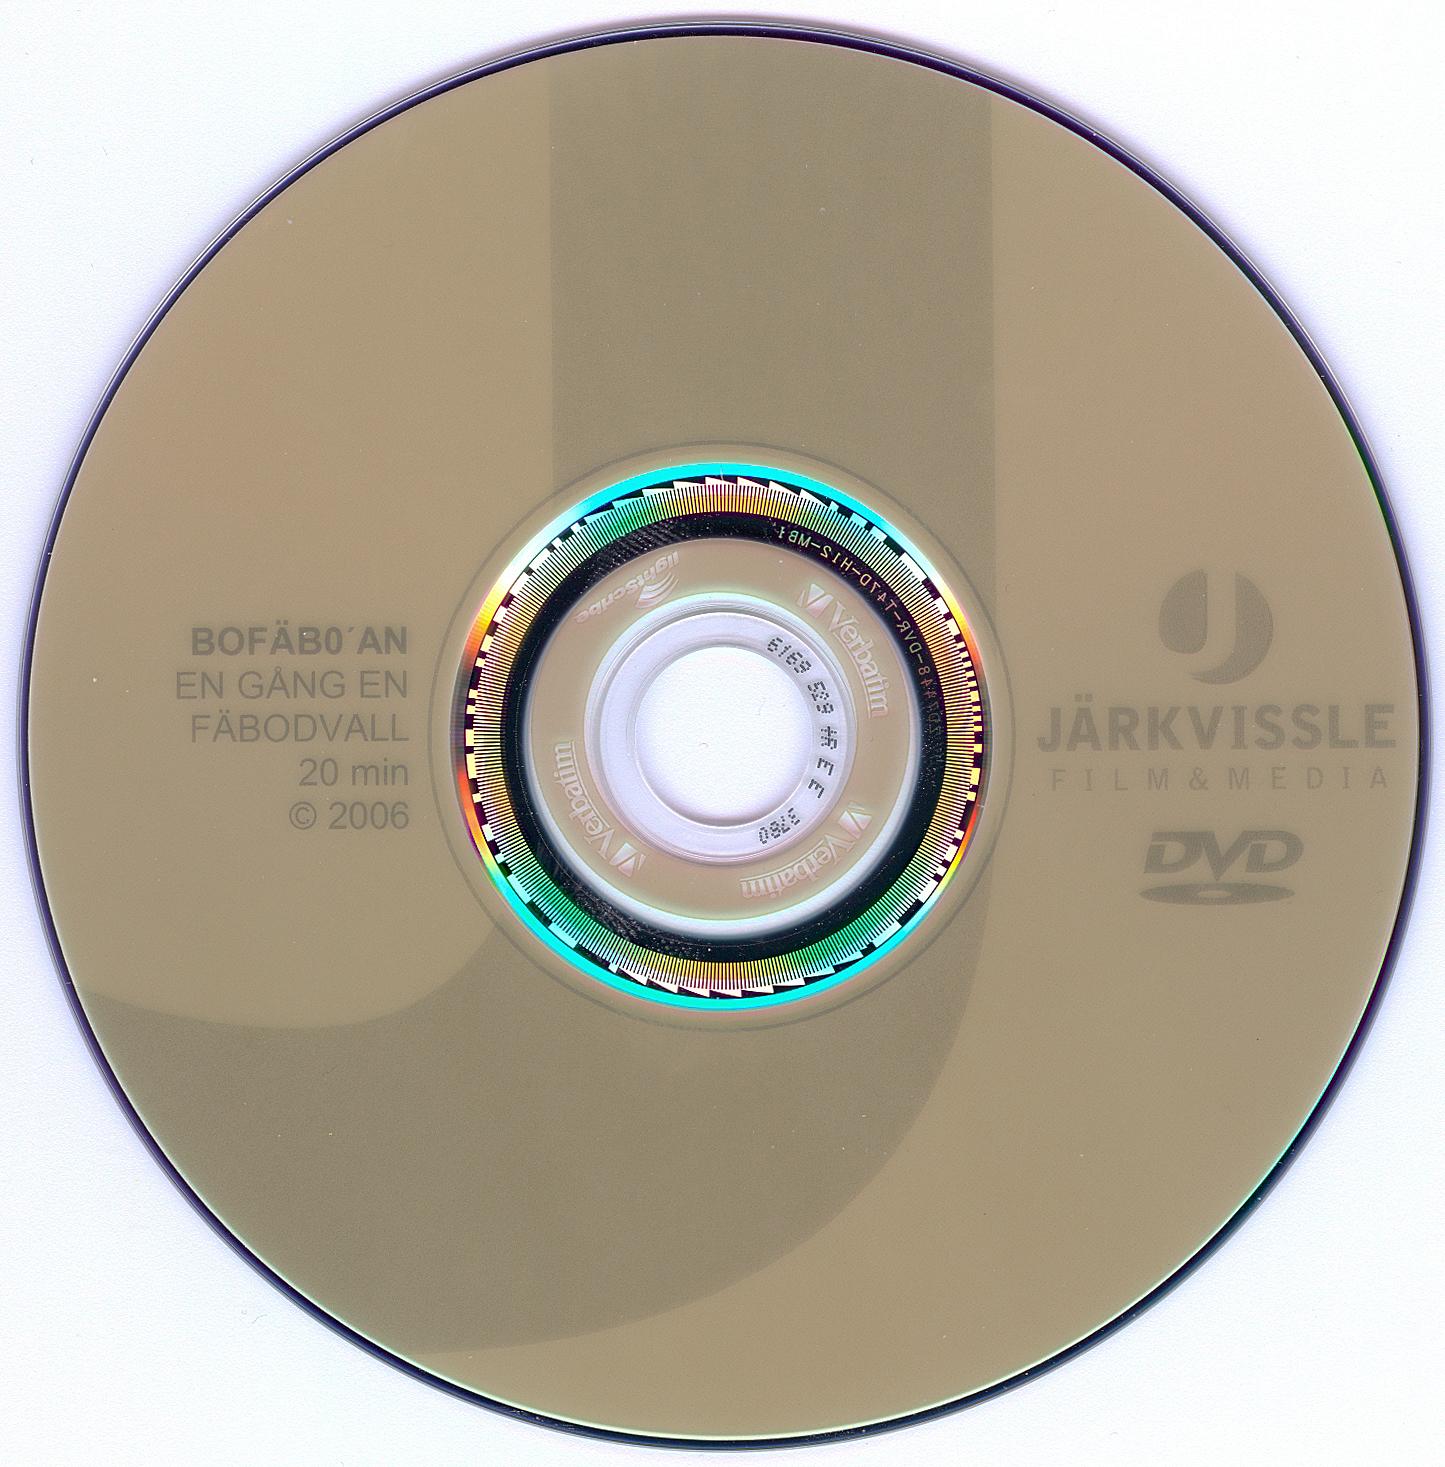 DVD-skivans etikett